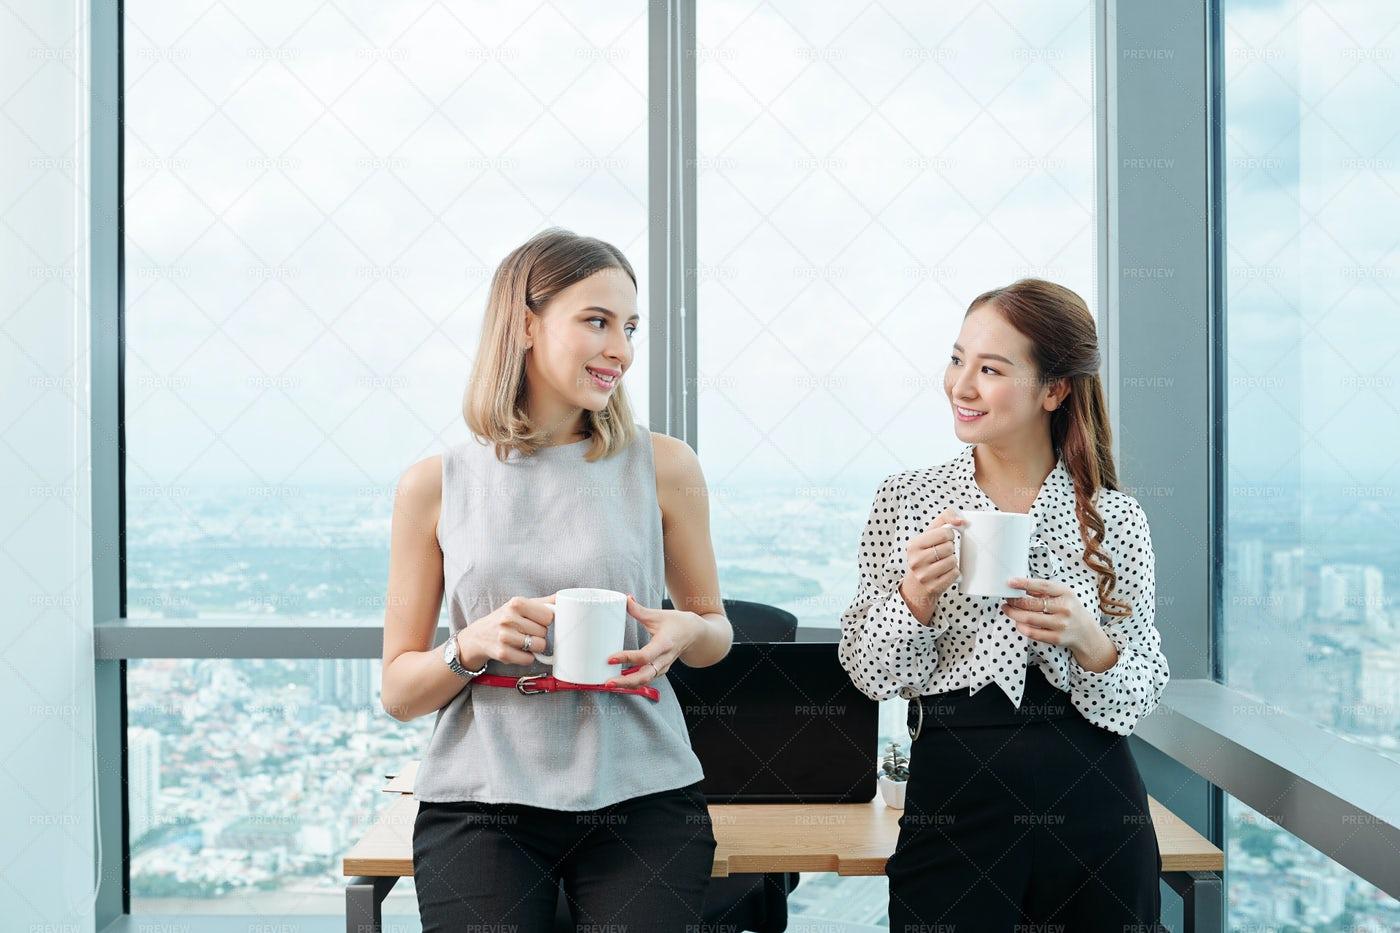 Female Colleagues Enjoying Short Break: Stock Photos